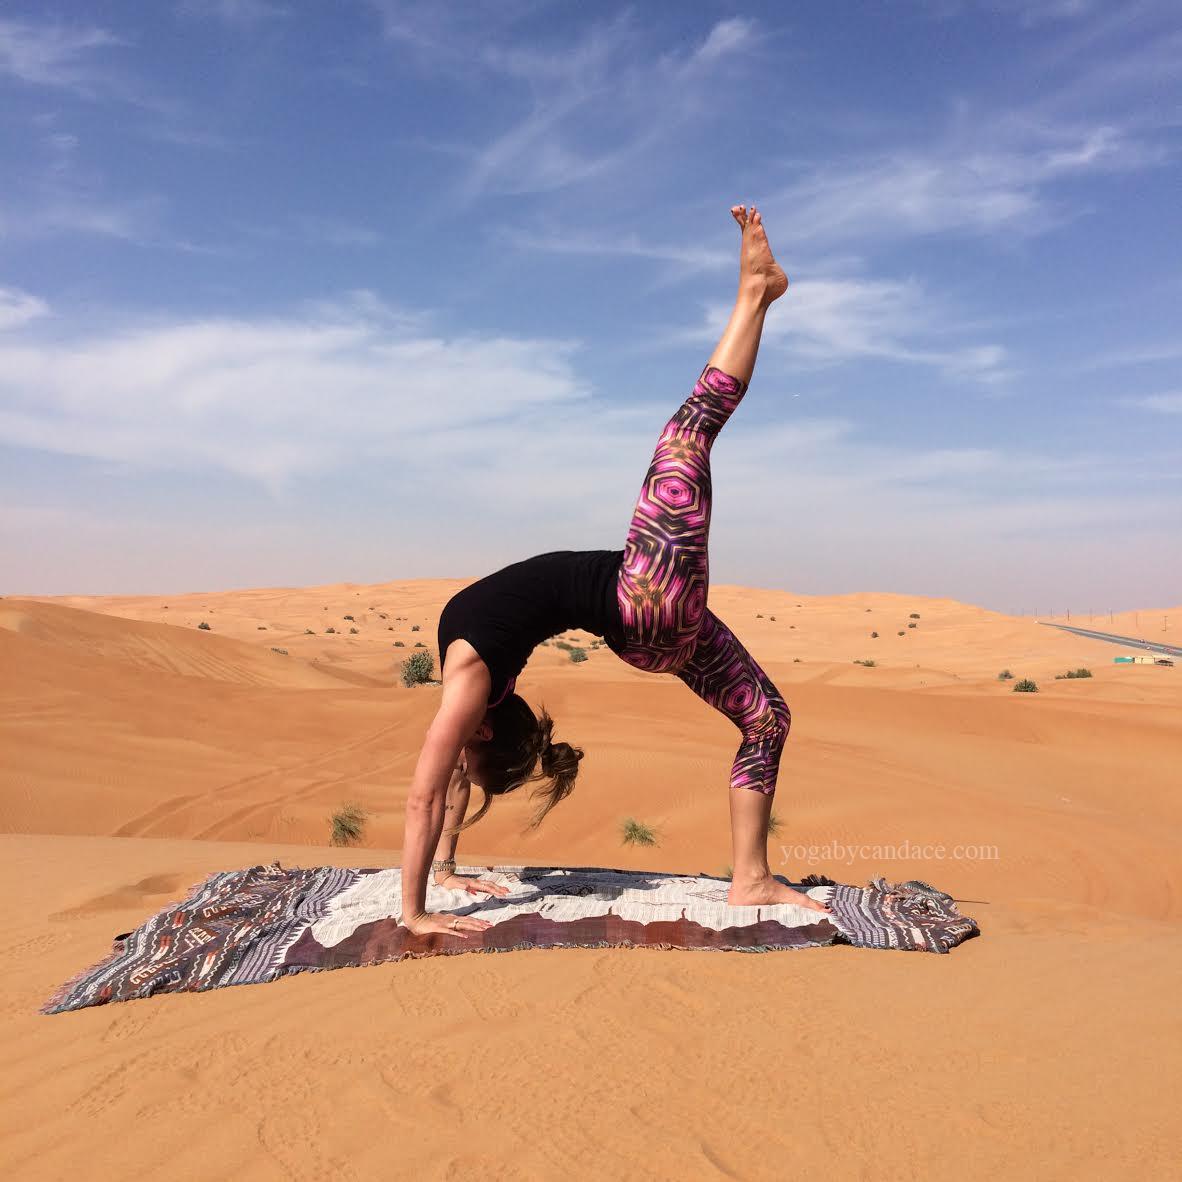 Yoga in the desert  Wearing:  koral leggings ,  splendid top .